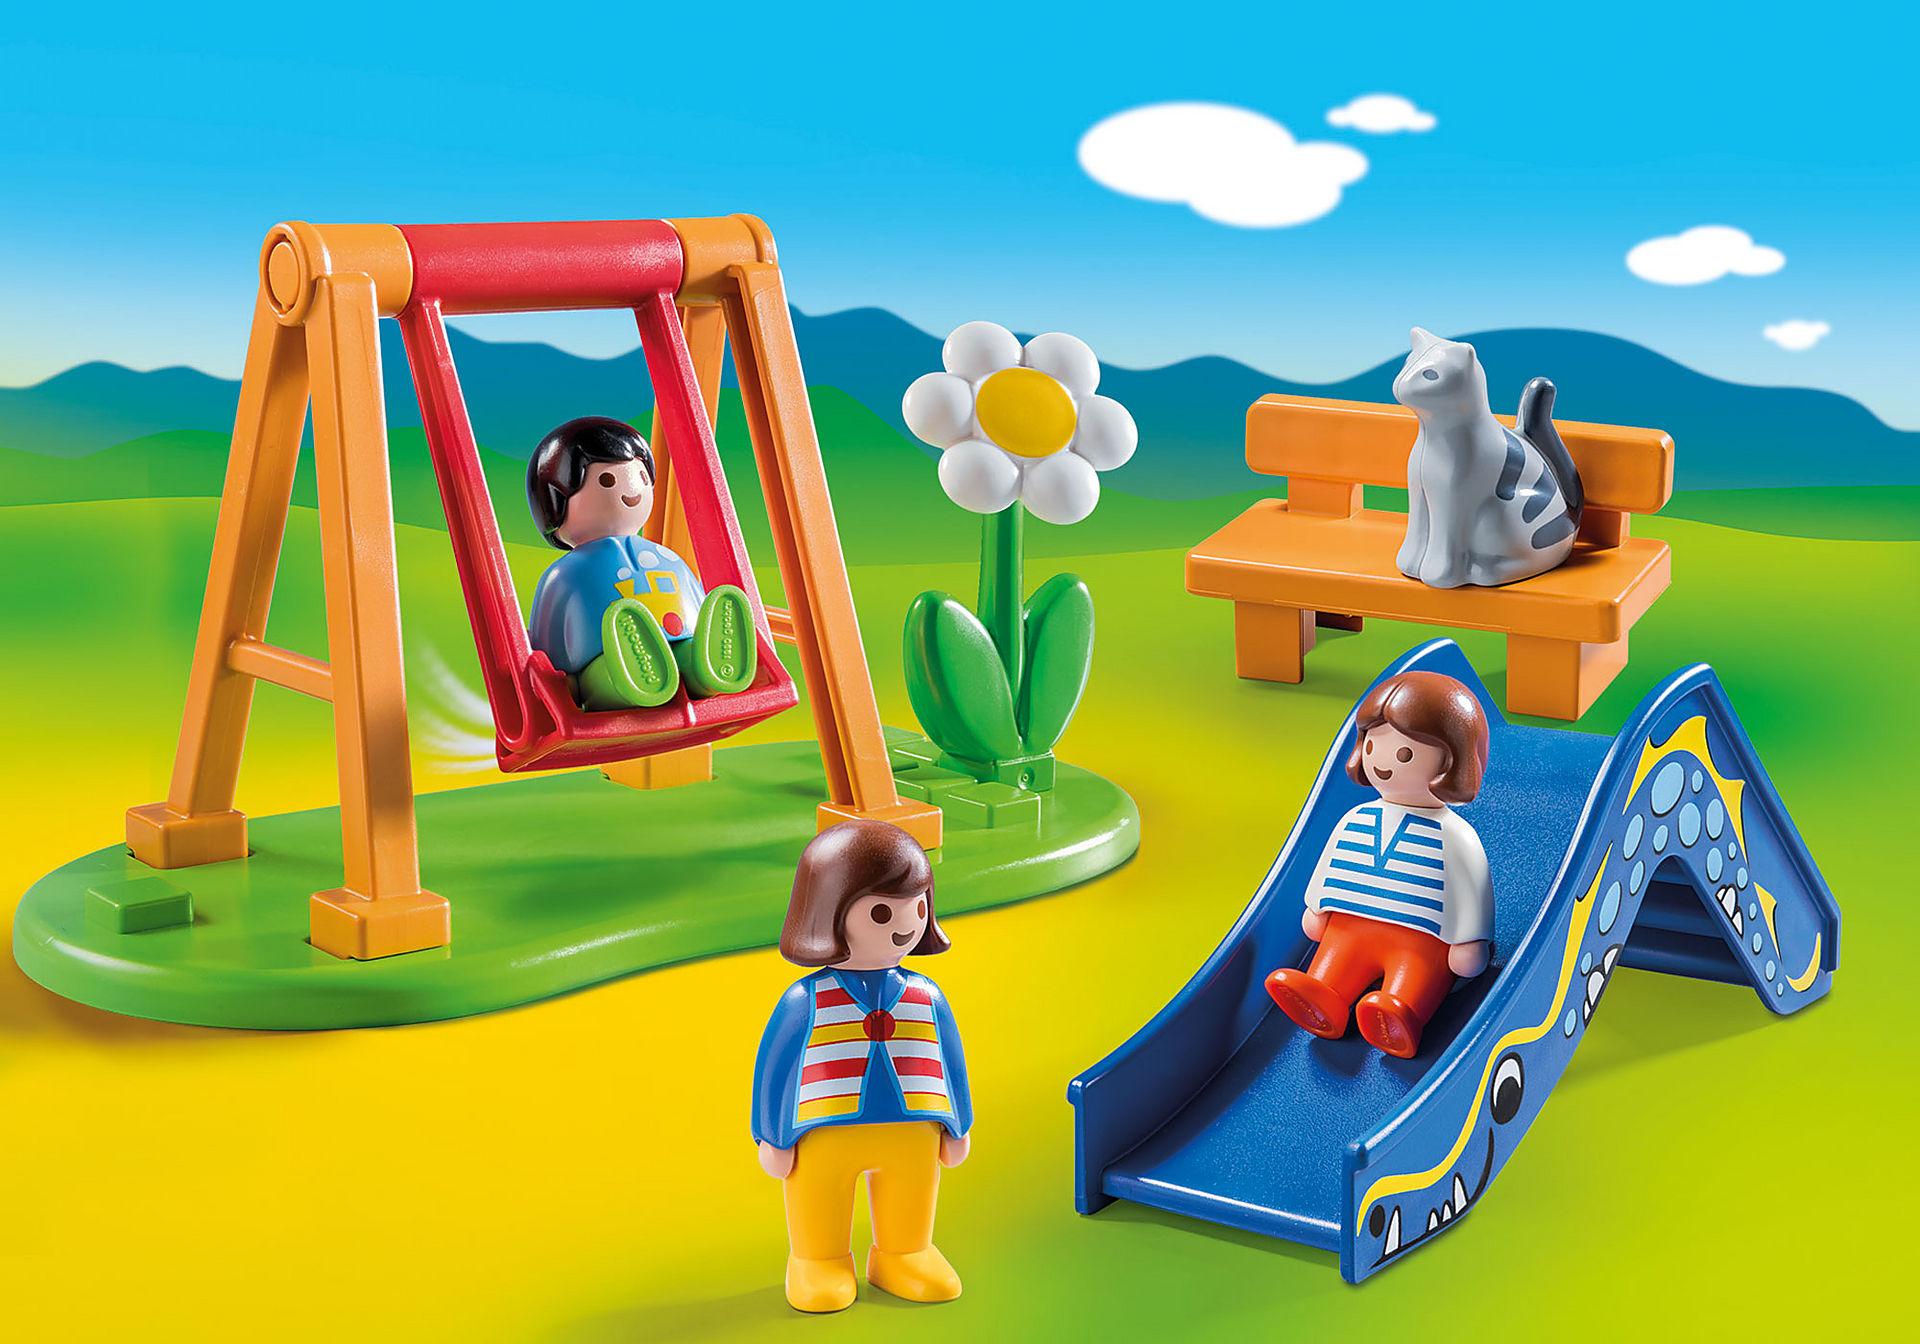 70130 Kinderspielplatz zoom image1